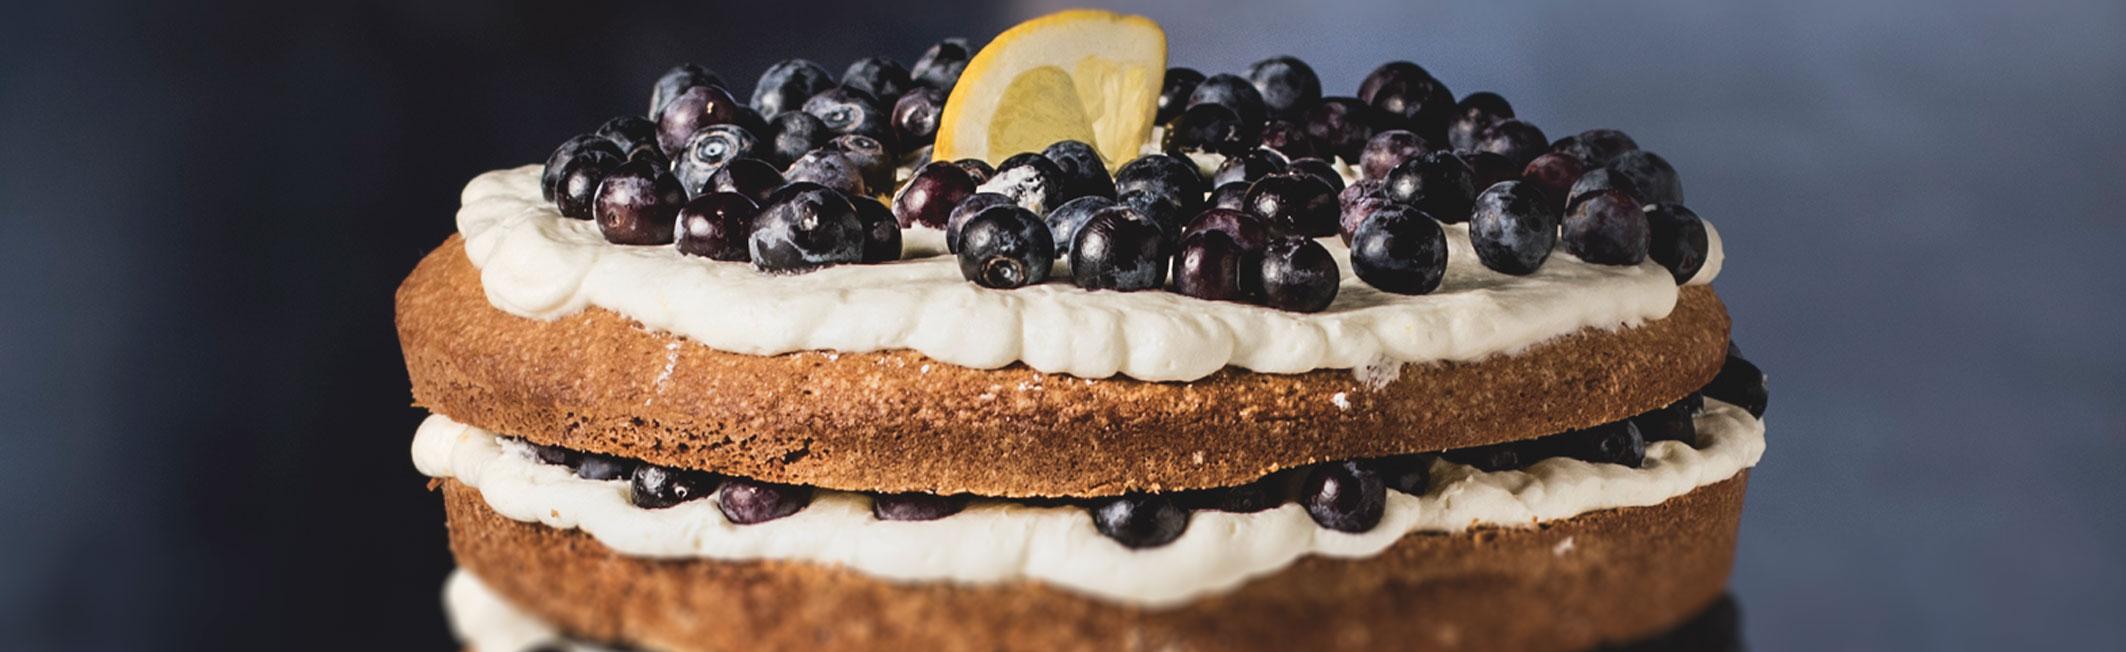 GoFood Lemon Blueberry Cake